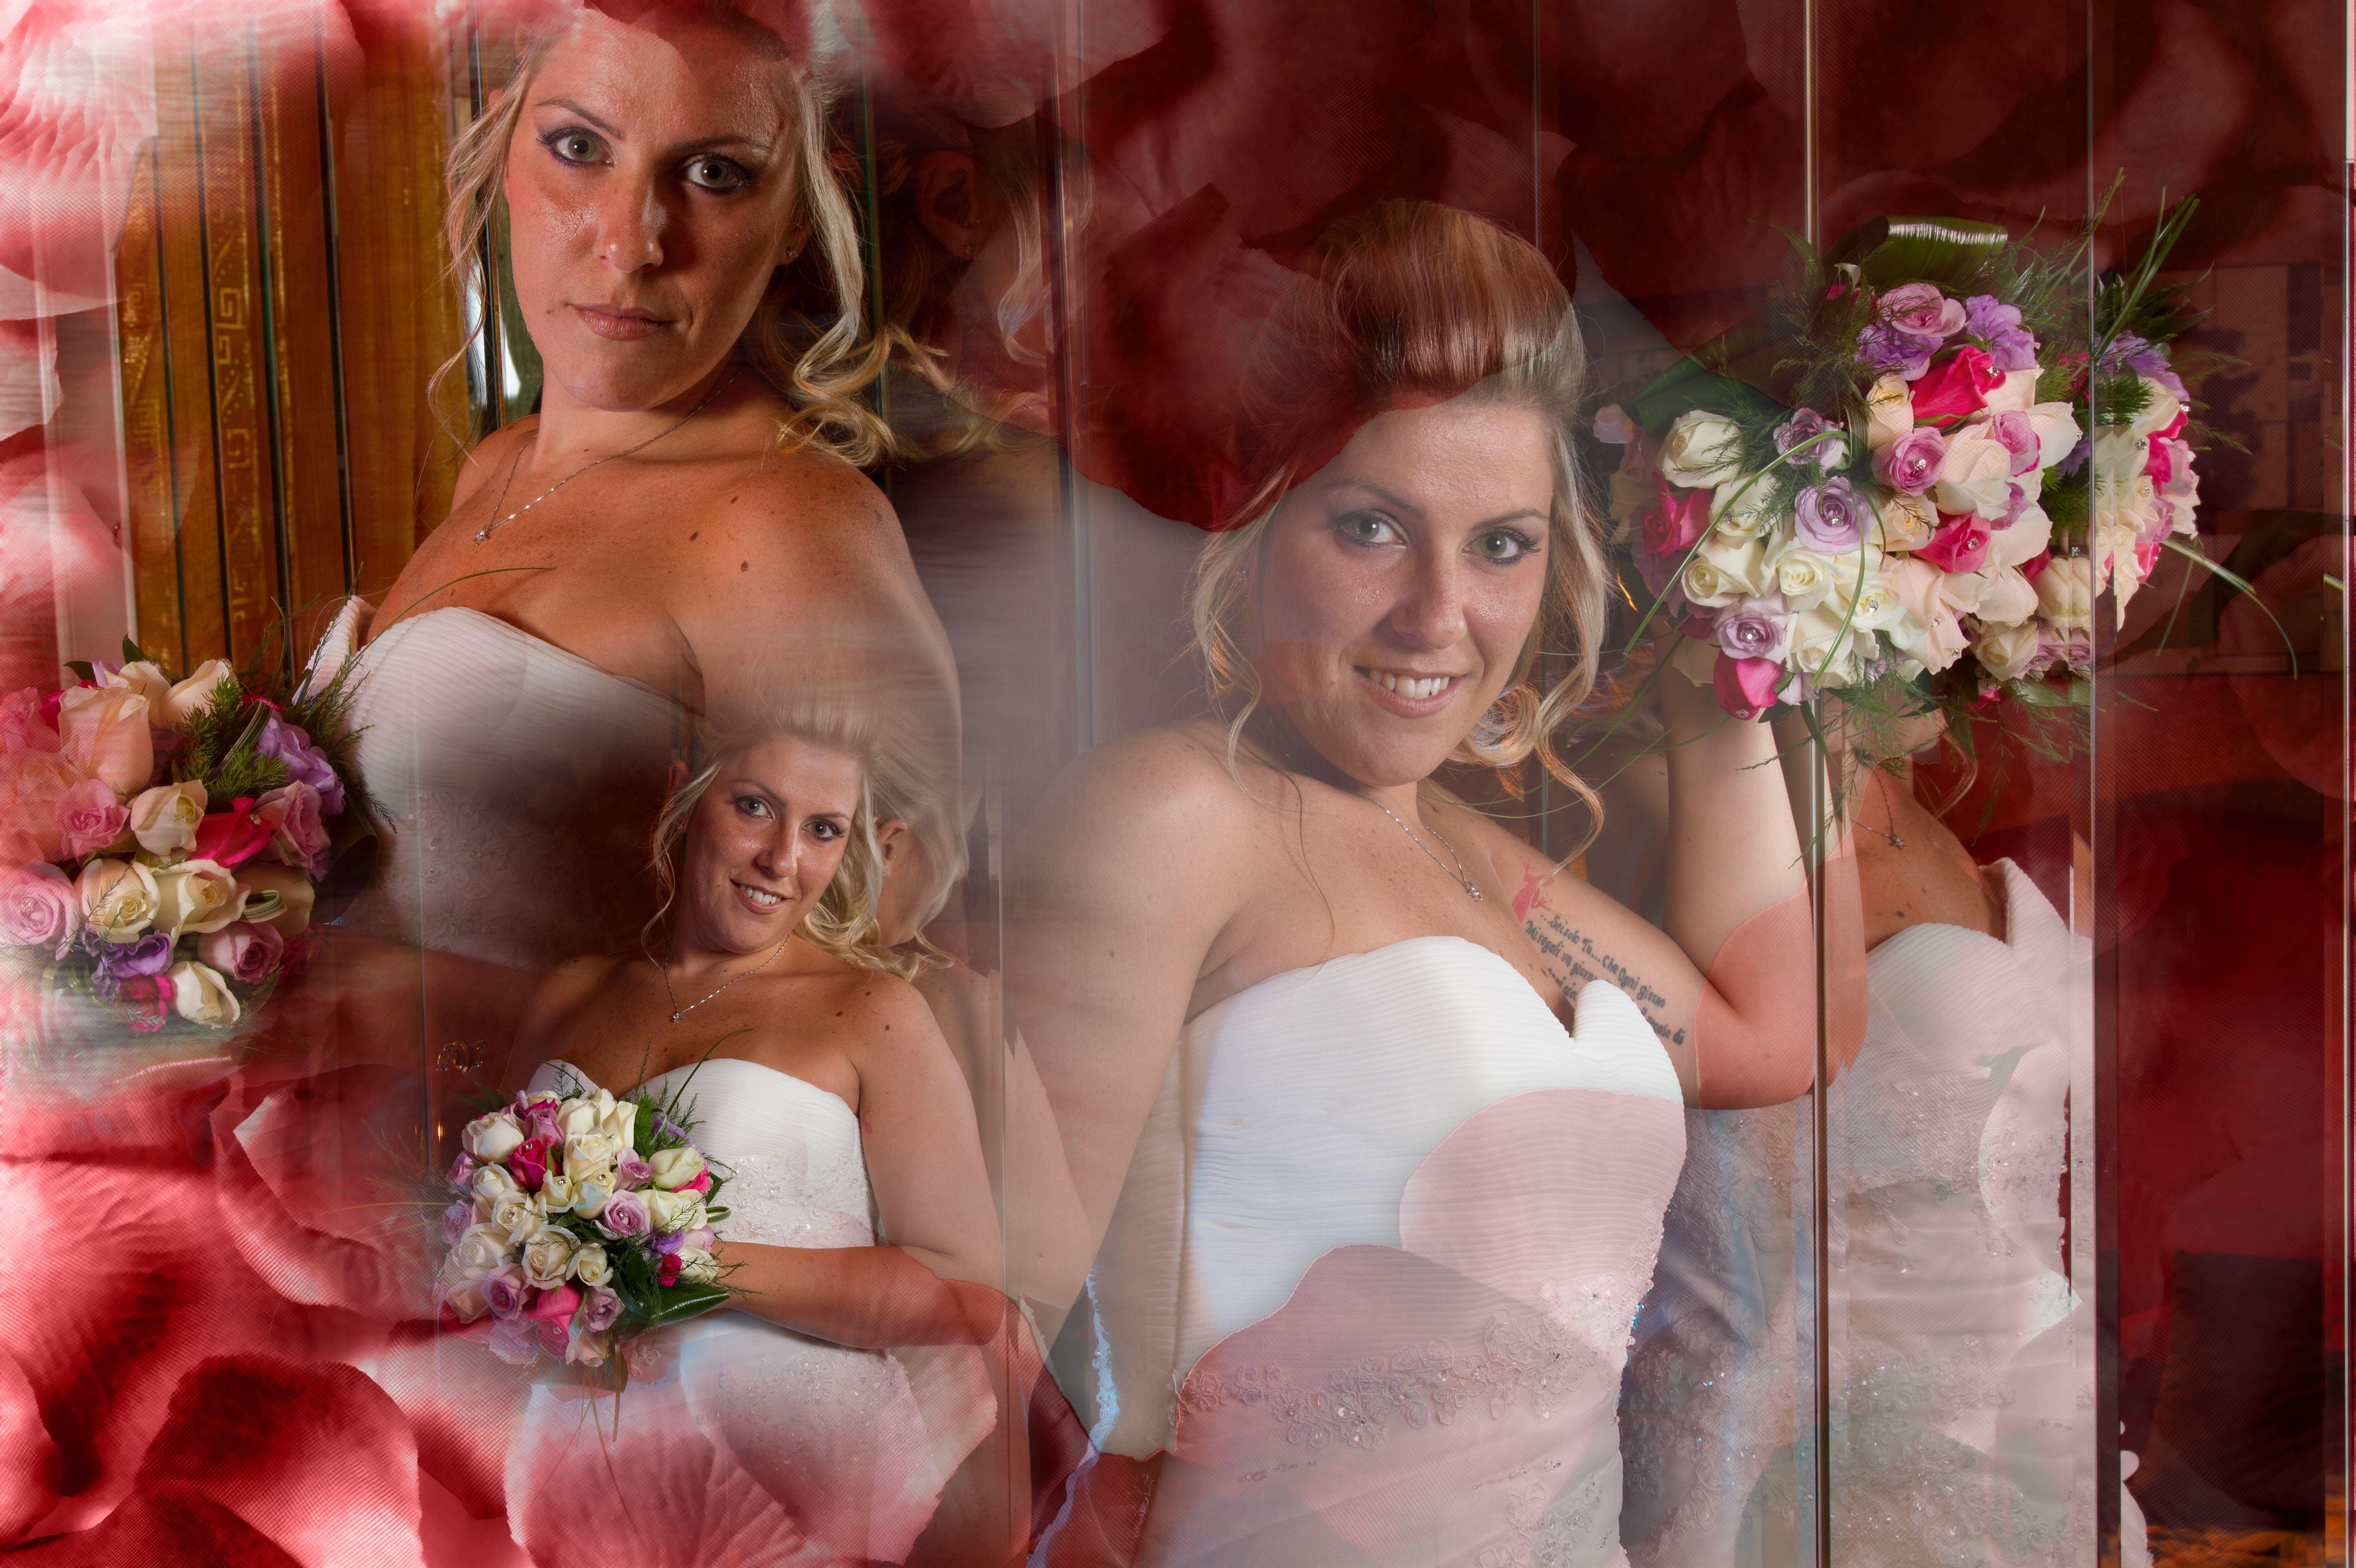 fotolibro di matrimonio foto a casa della sposa